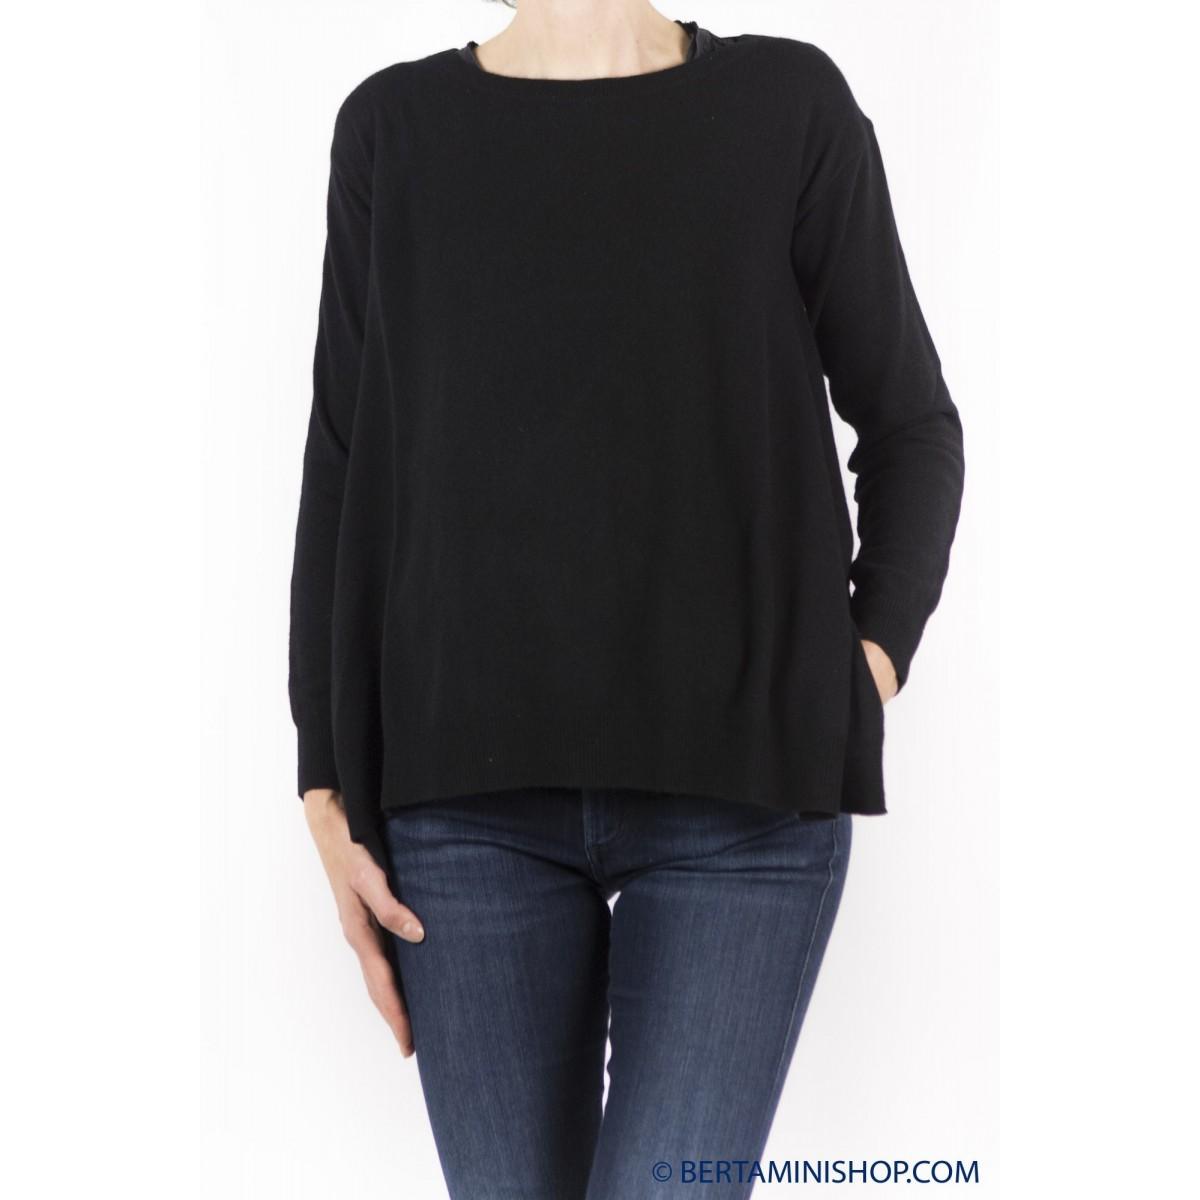 Maglia donna Jucca - 1100 maglia ampia con tessuto 003 - nero